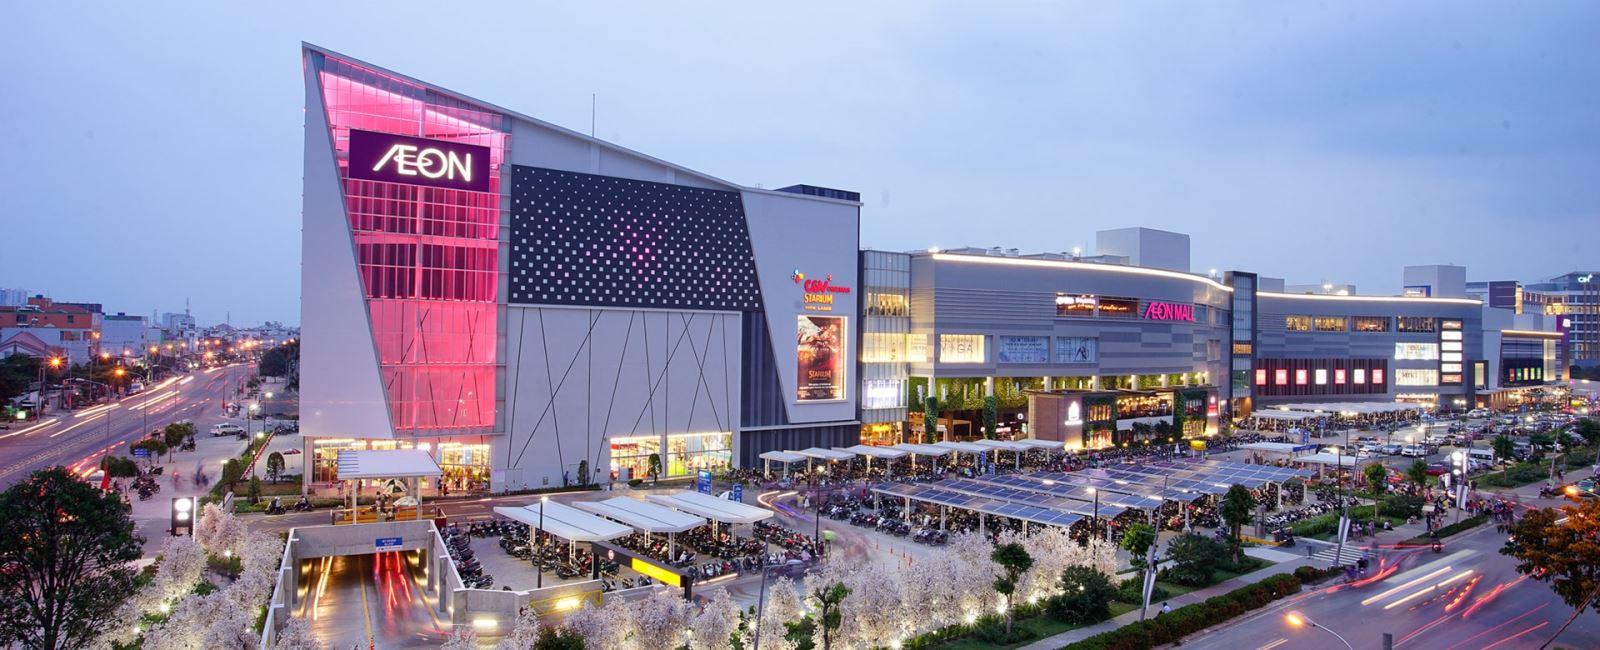 Trung tâm thương mại AEON Hải Phòng